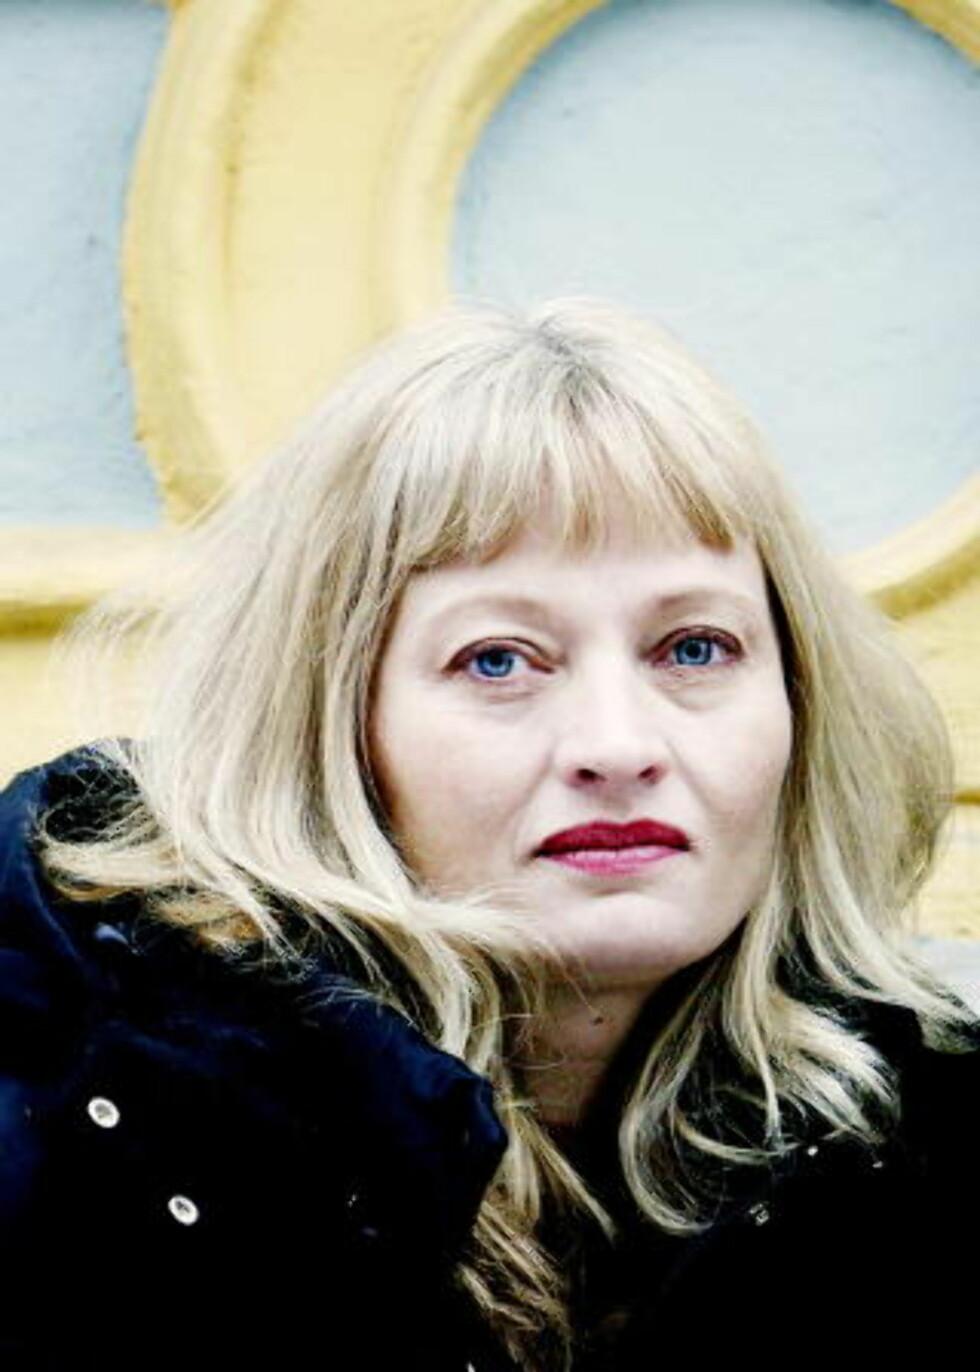 FORSKER: Hilde Pape. Foto: Mette Møller/Dagbladet.